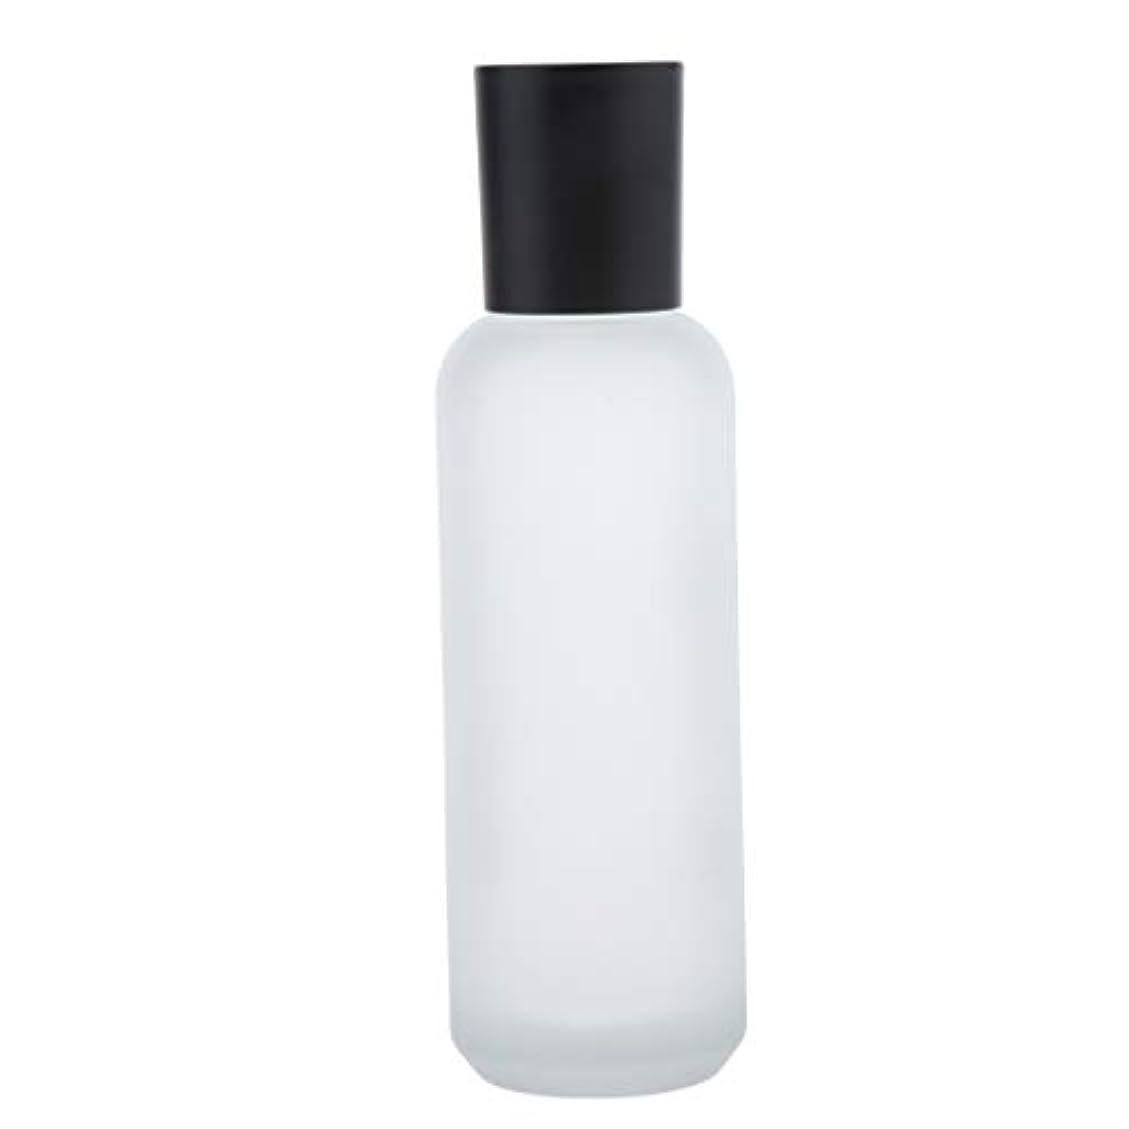 傾斜消防士フルーツ野菜コスメ用詰替え容器 空ボトル 化粧品ボトル クリーム瓶 ガラス瓶 詰め替え可能 化粧品容器 全2サイズ - 120 ml